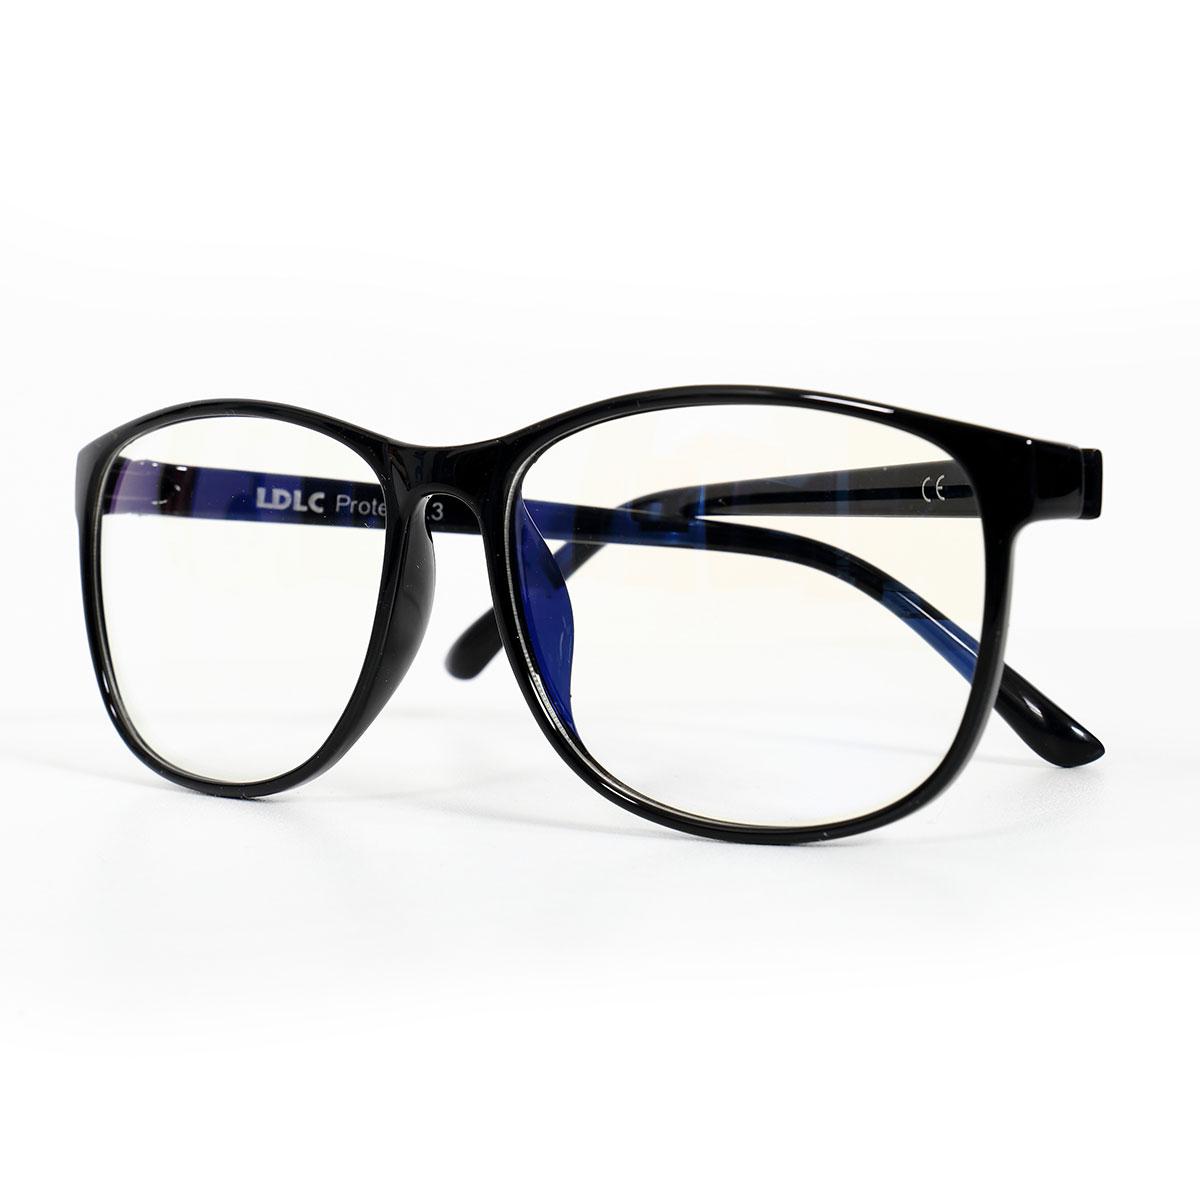 Le top 10 des meilleures lunettes anti lumière bleue de l année photo 2 74c733966192